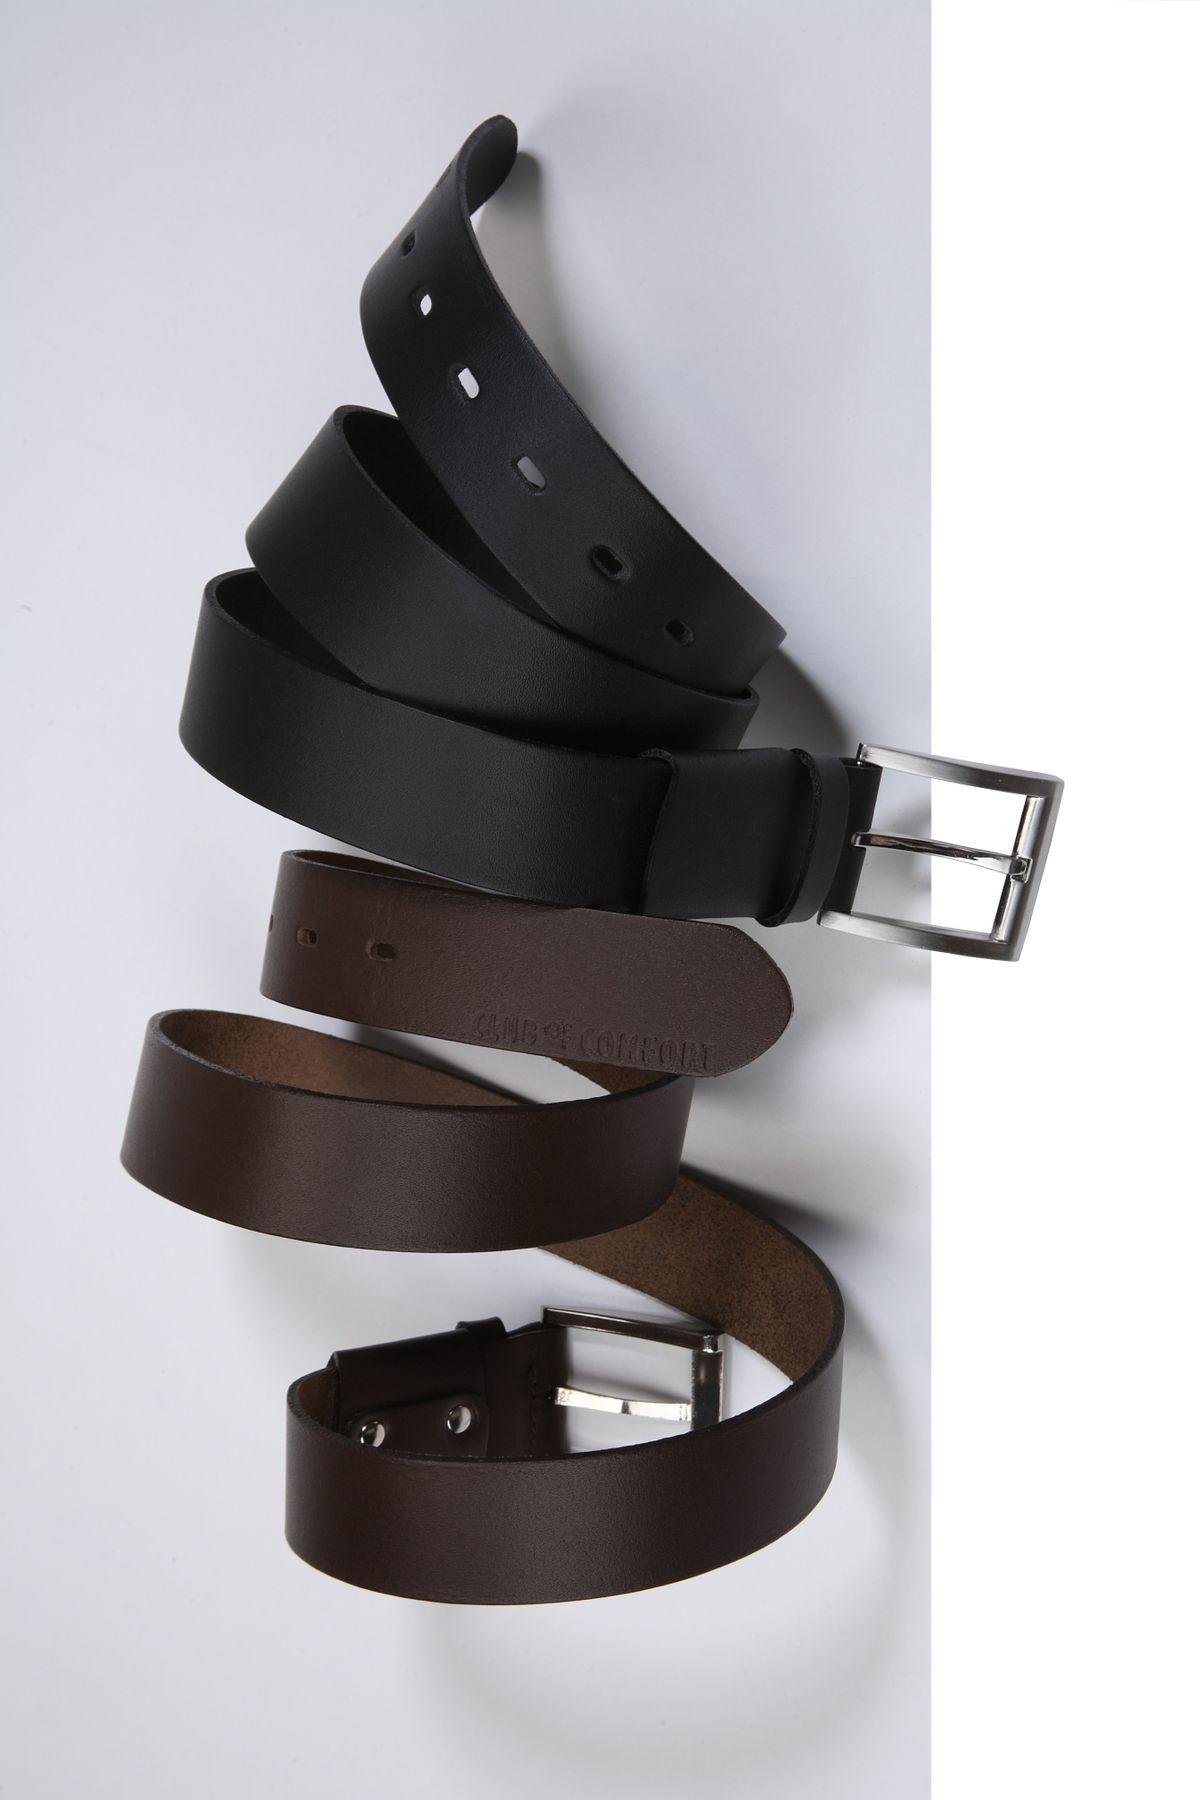 Herren Leder Stretch Gürtel der Marke CLUB OF COMFORT in Braun oder Schwarz (50) – Bild 1